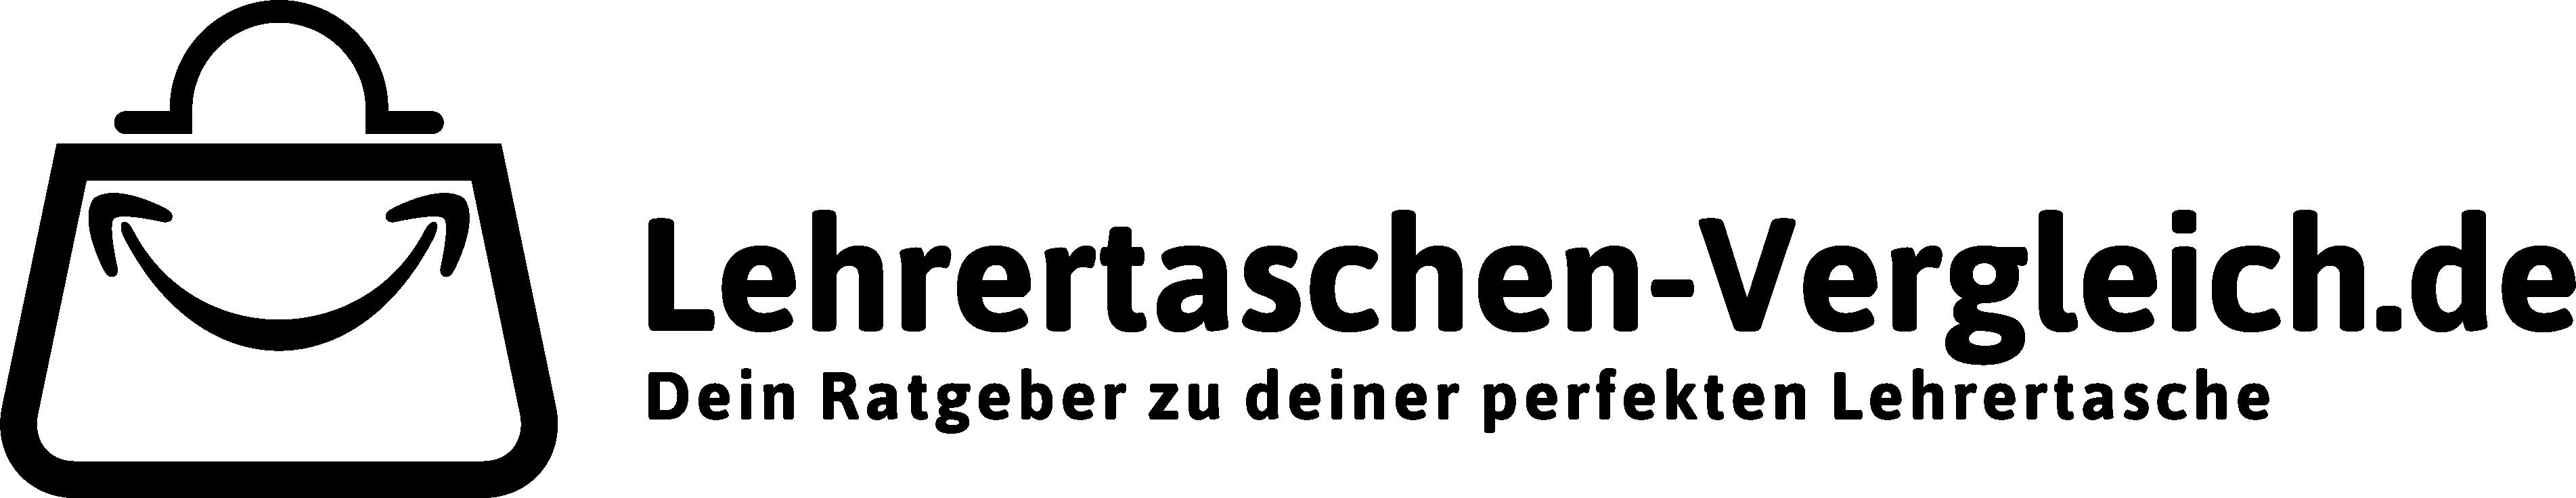 lehrertaschen-vergleich.de